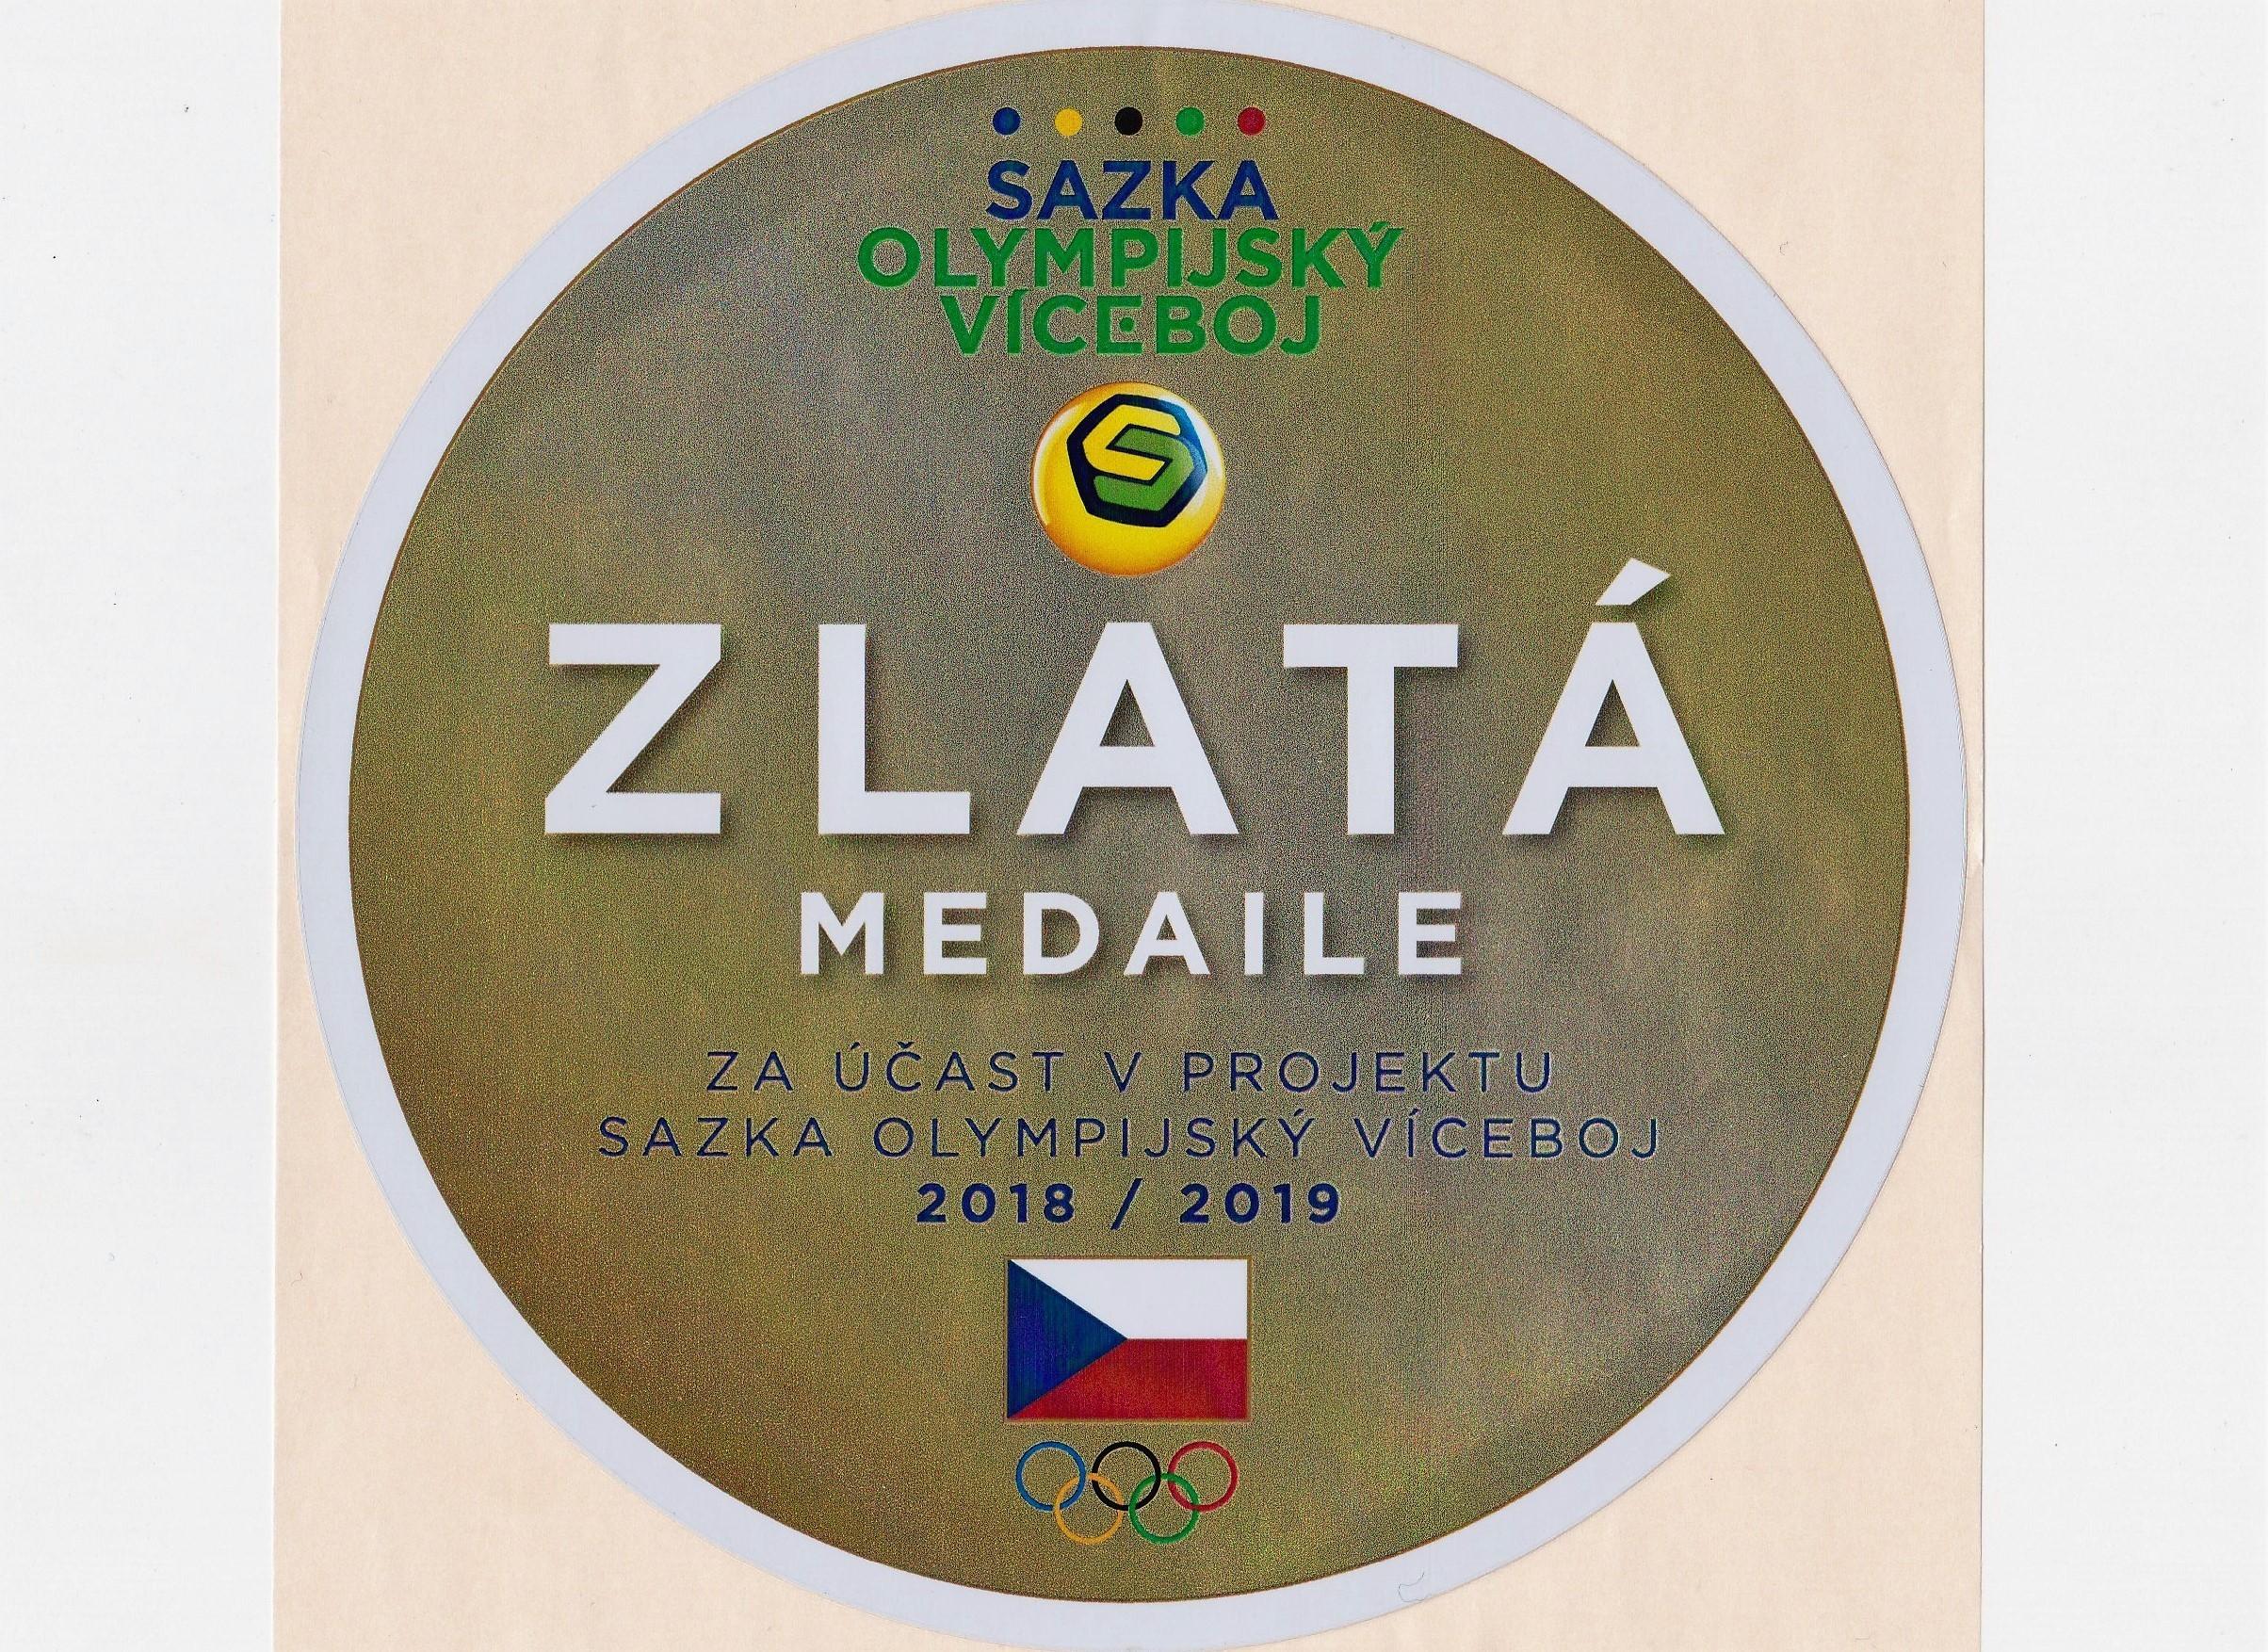 Zlatá medaile  v projektu Sazka olympijský víceboj